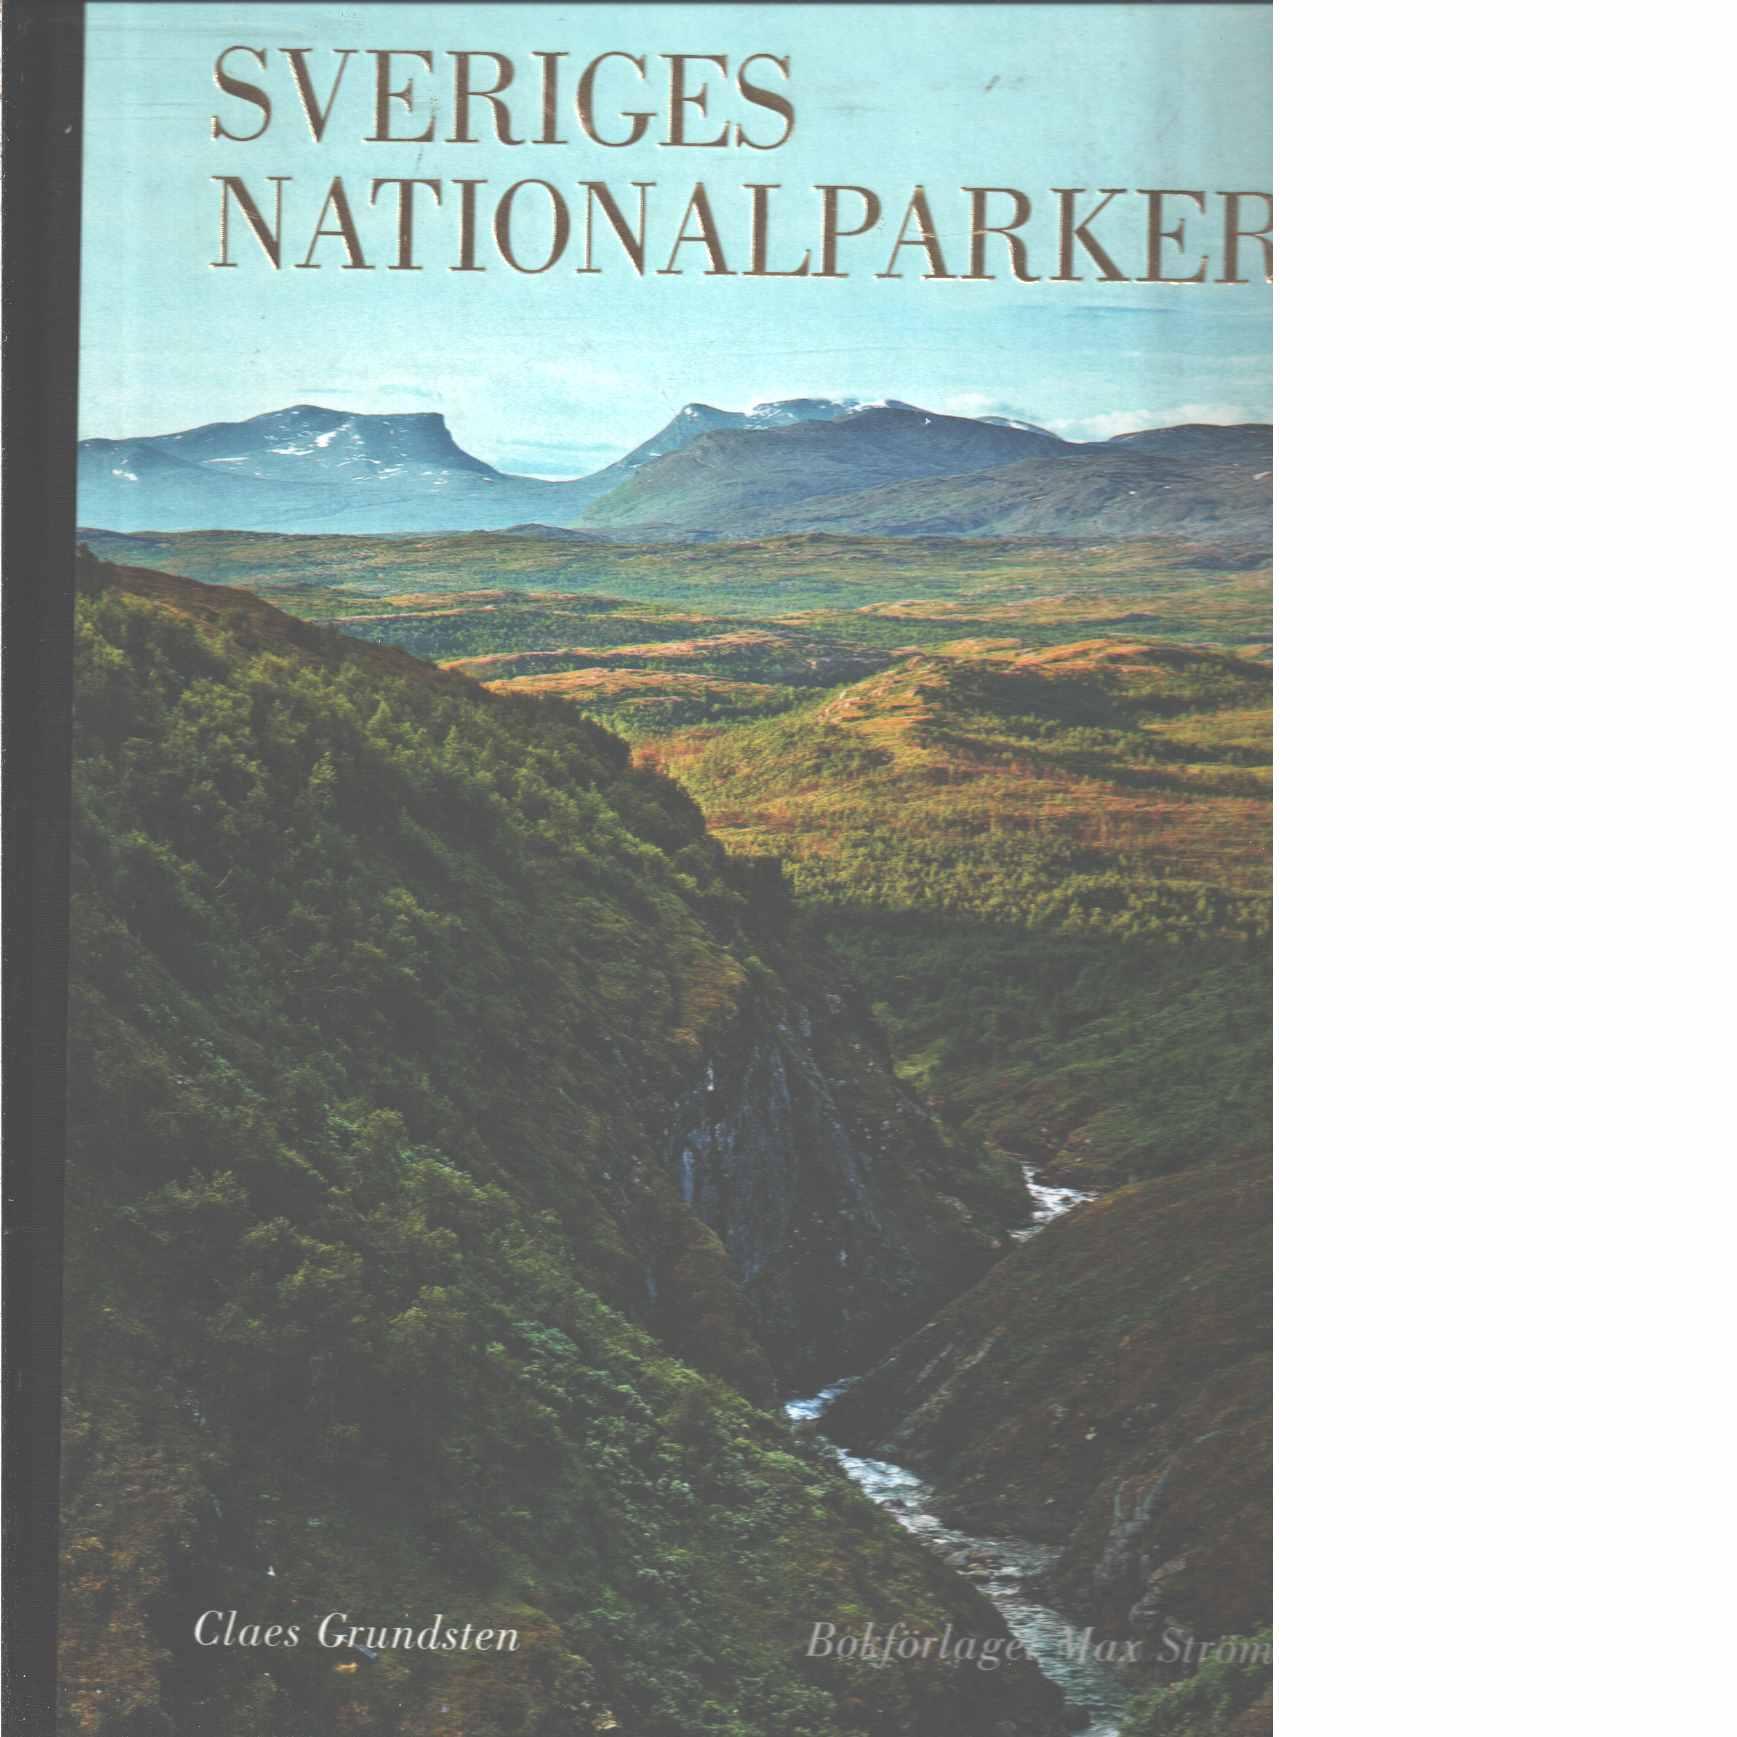 Sveriges nationalparker  - Grundsten, Claes,